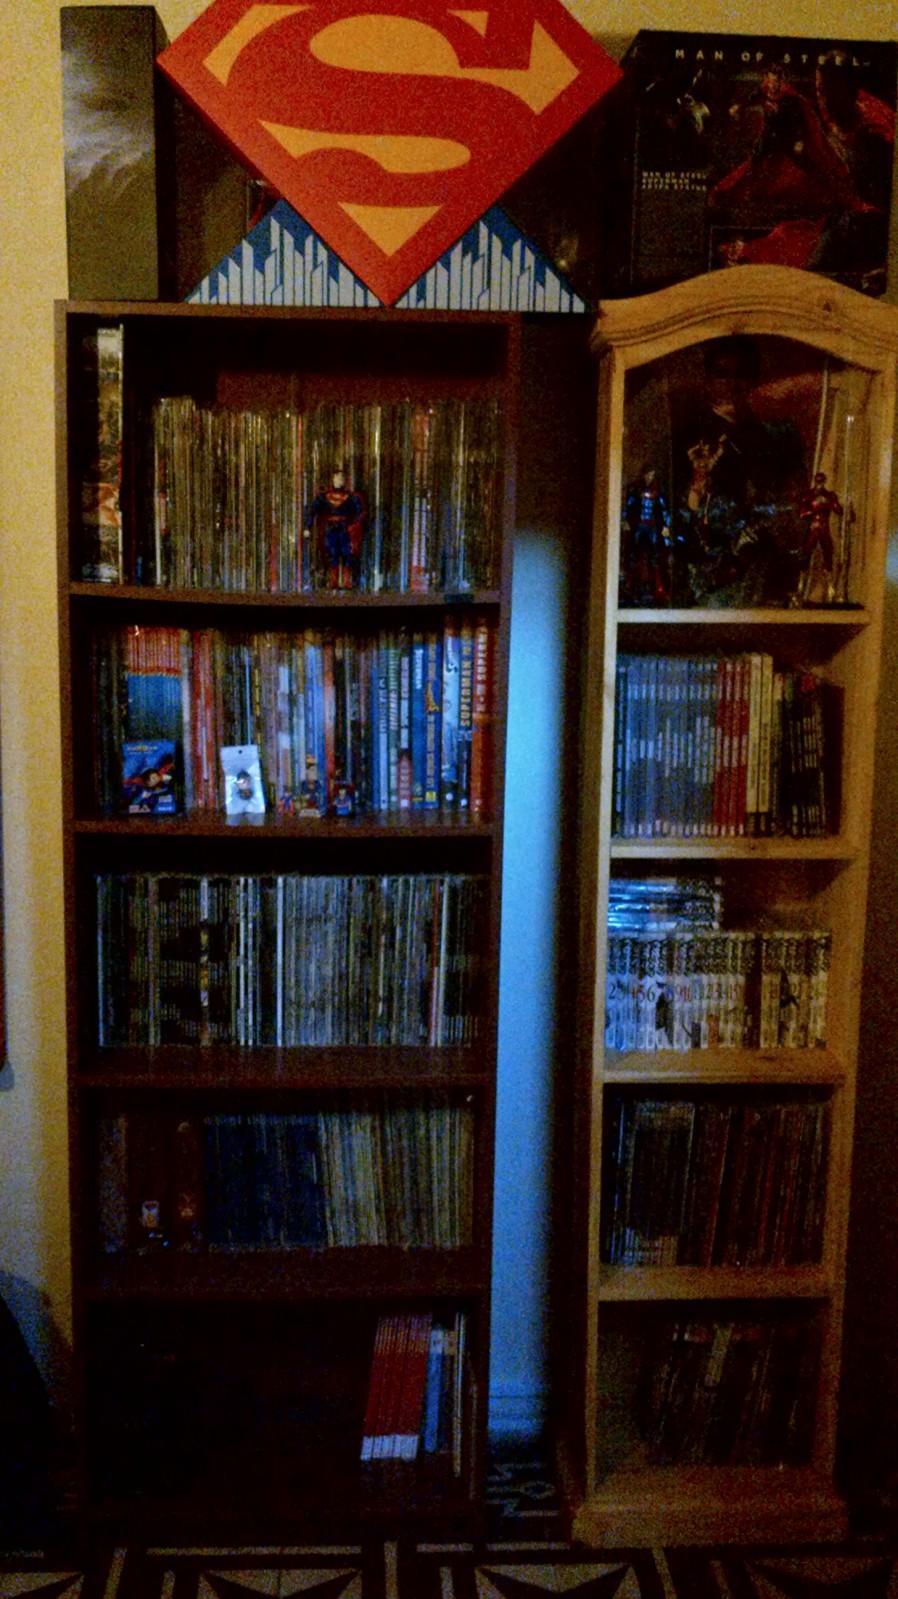 [COMICS] Colecciones de Comics ¿Quién la tiene más grande?  - Página 5 Fzagz5